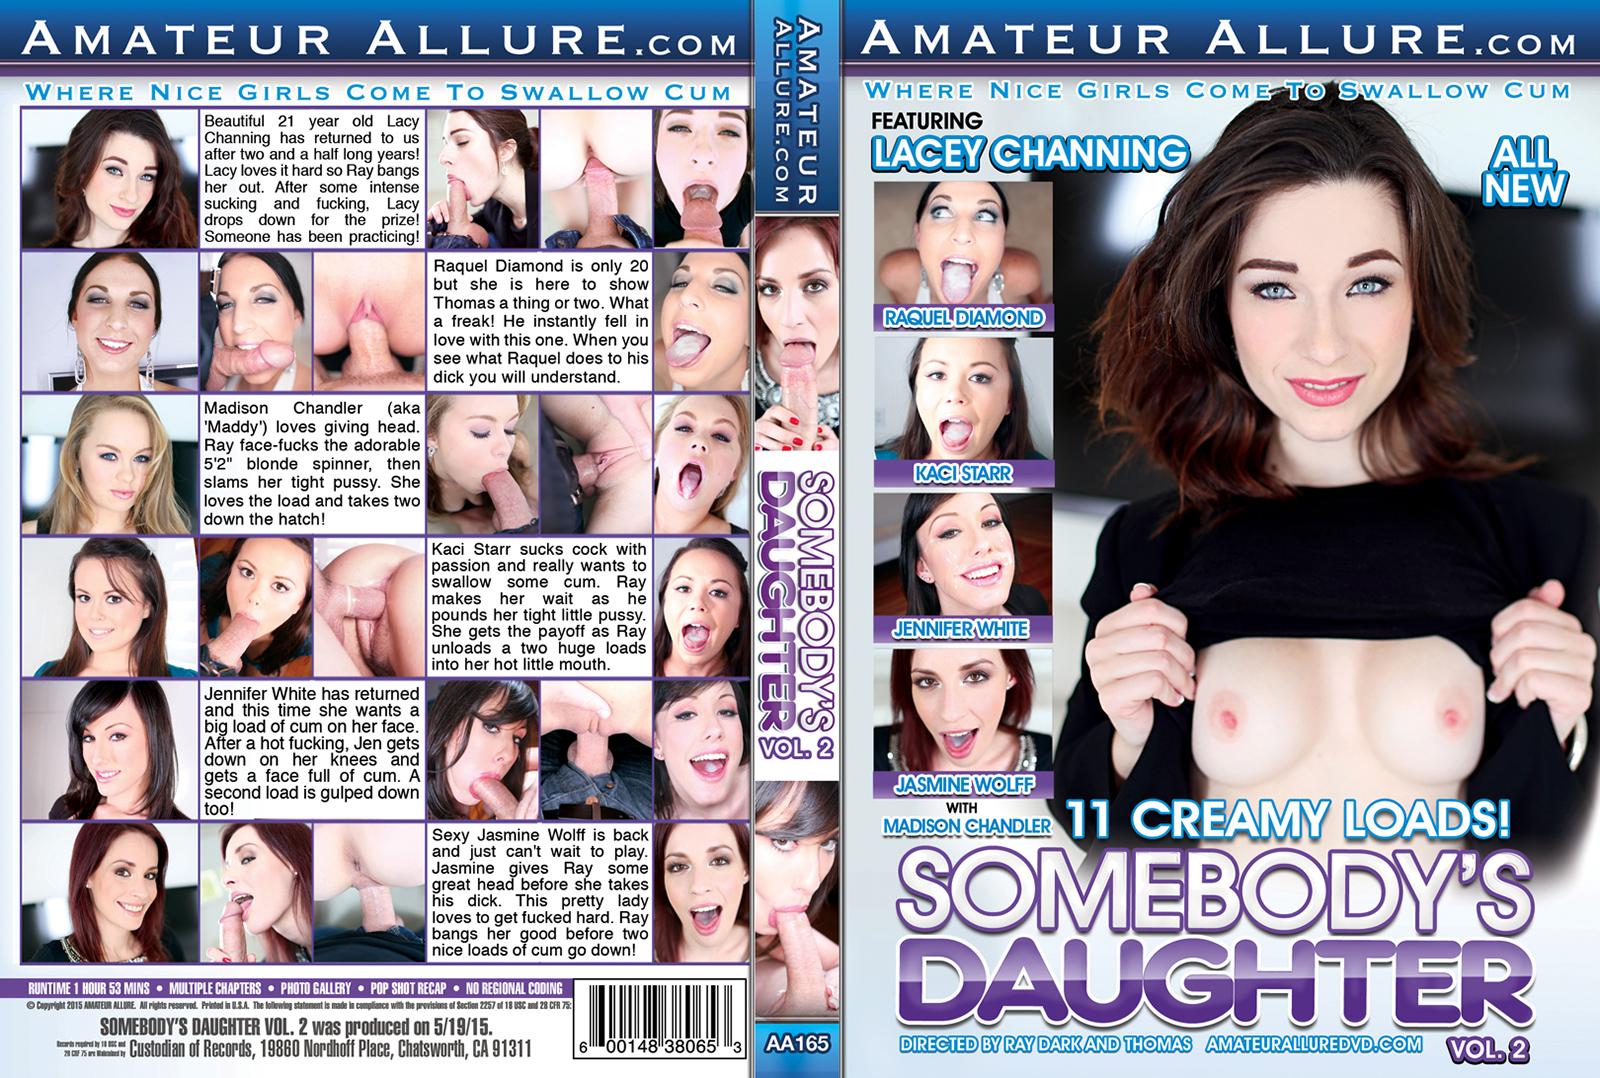 somebodys_daughter_2-dvd-large.jpg